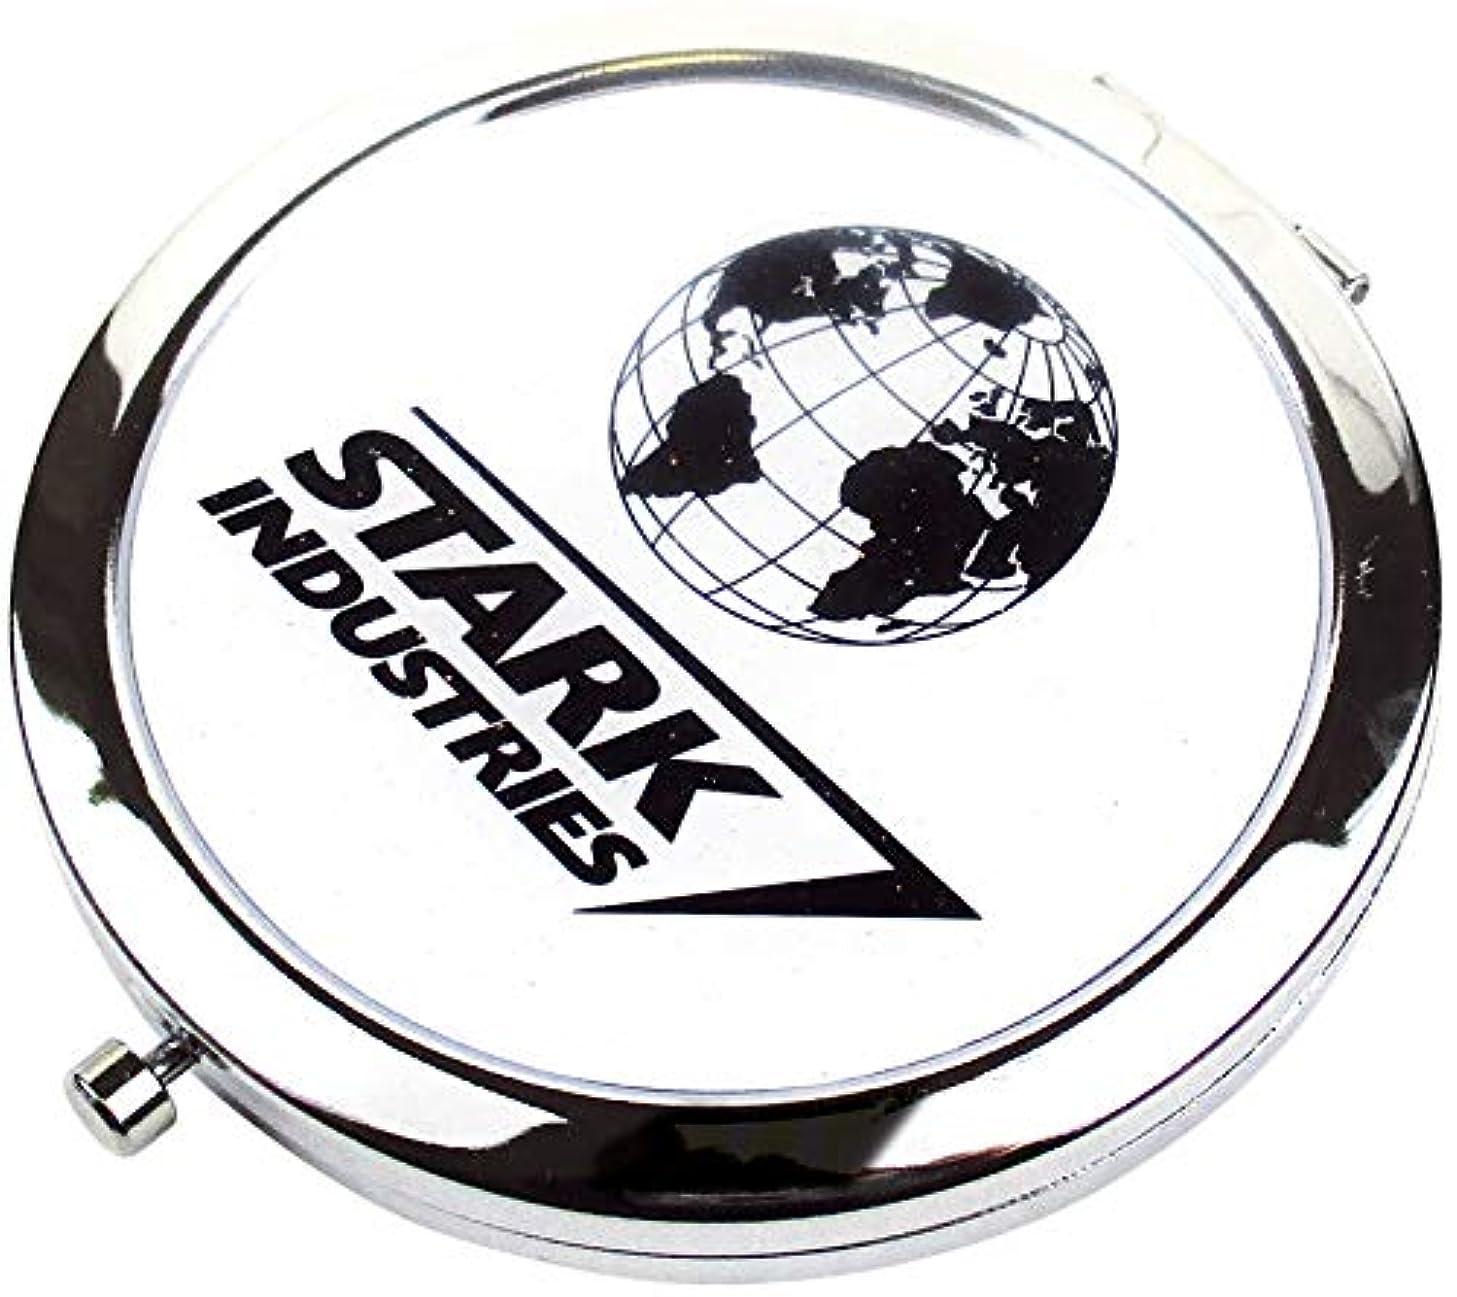 トン囲まれた満足できるティーズファクトリー Wコンパクトミラー マーベル/スターク・インダストリーズ 6.6×6.6×0.8cm MV-5537100SI